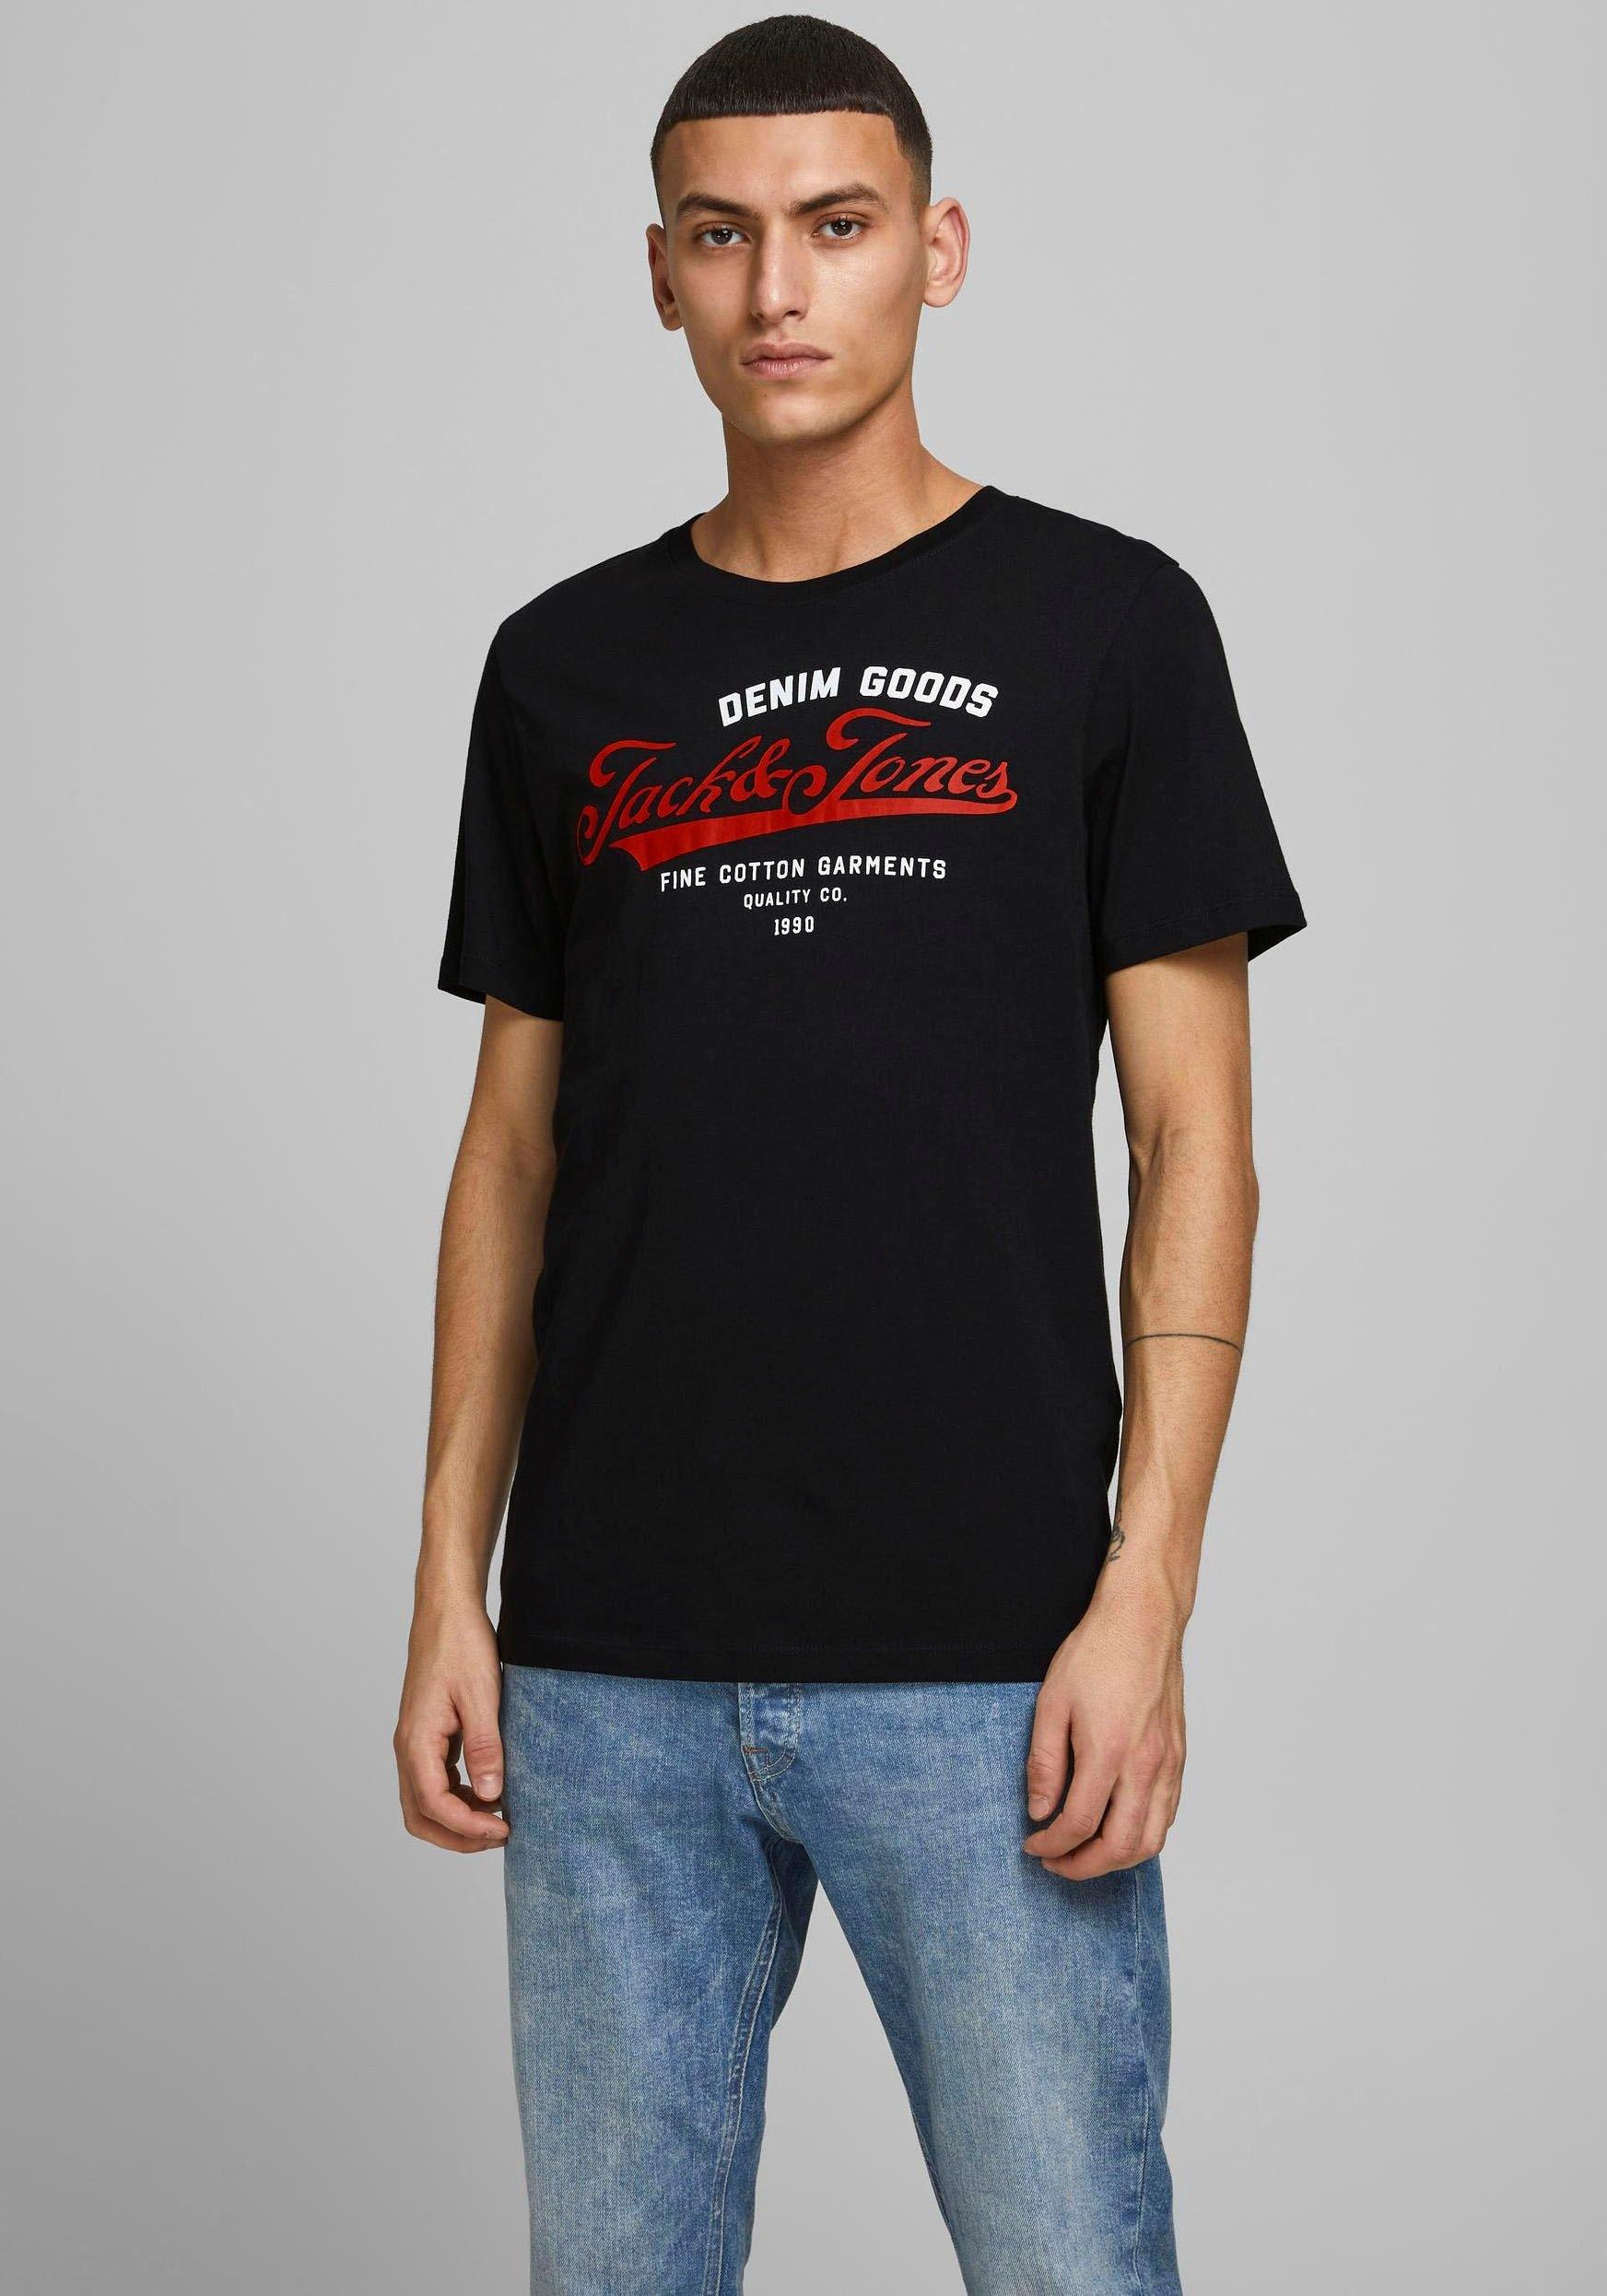 Jack & Jones T-shirt Logo Tee bestellen: 30 dagen bedenktijd